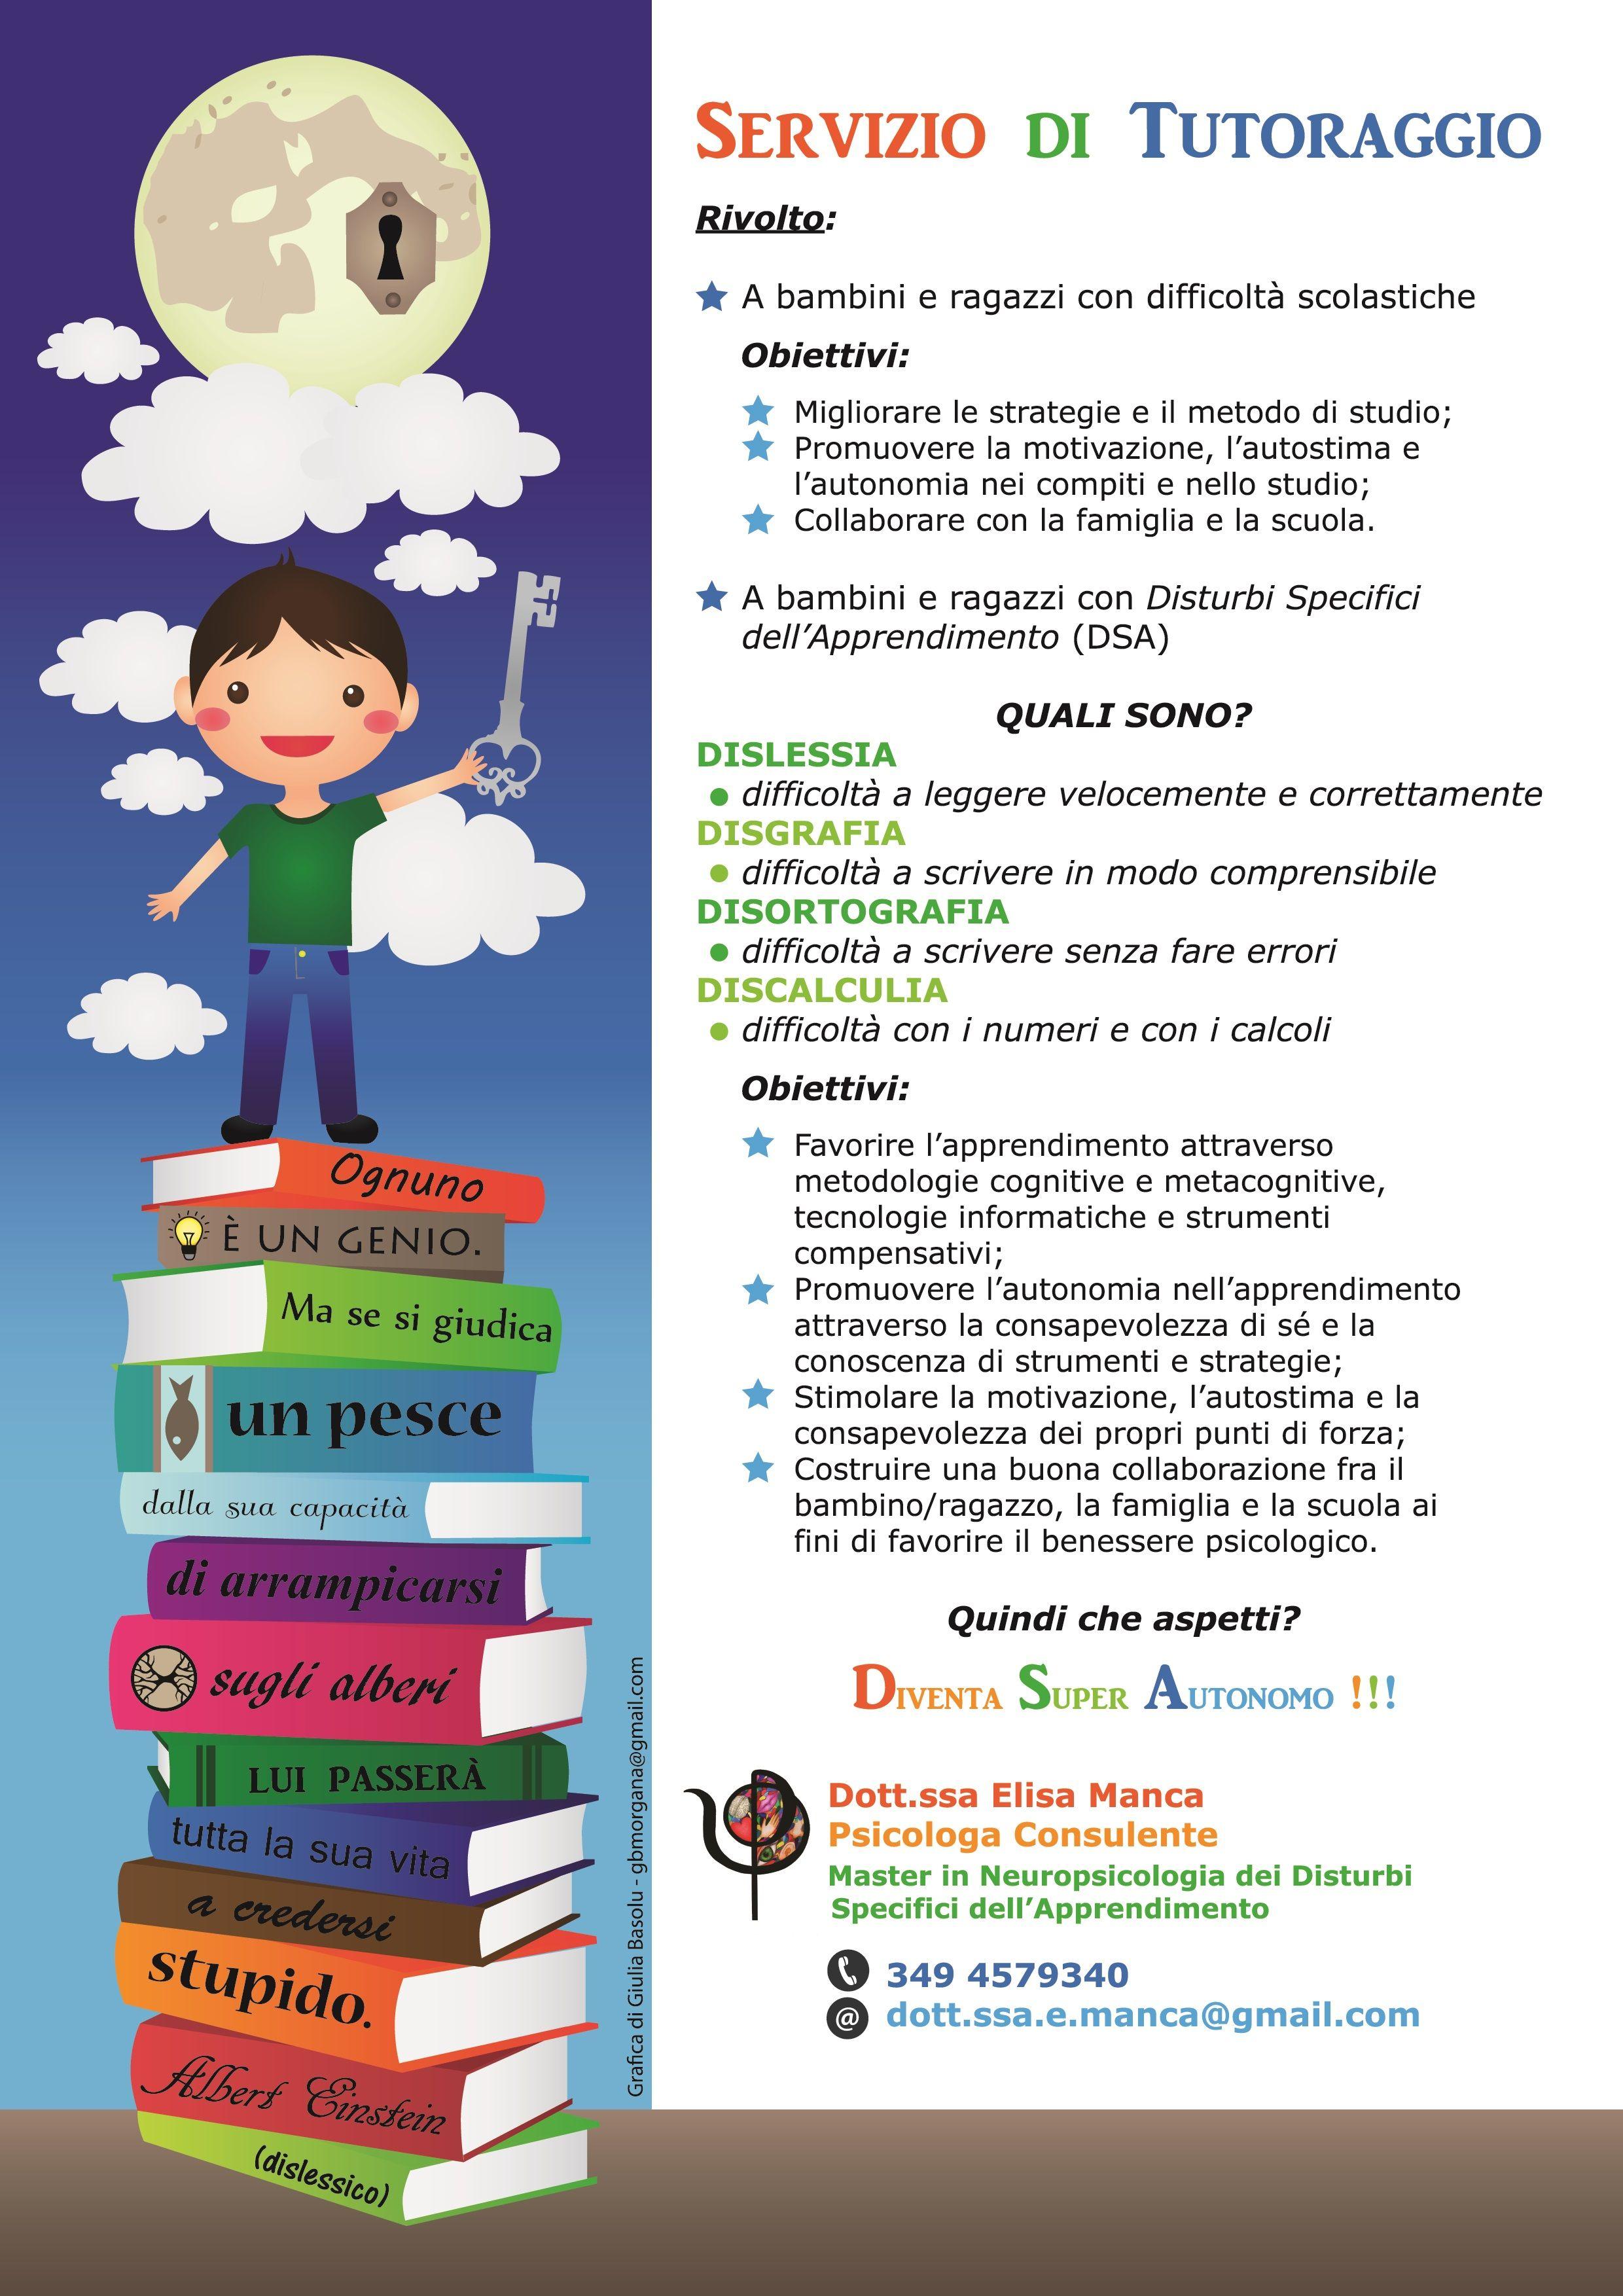 Locandina Tutoraggio. Locandina per un servizio di tutoraggio. #giuliabasolugrafica #graphic #illustration #drawing #illustrator #digitalart #vector #leaflet